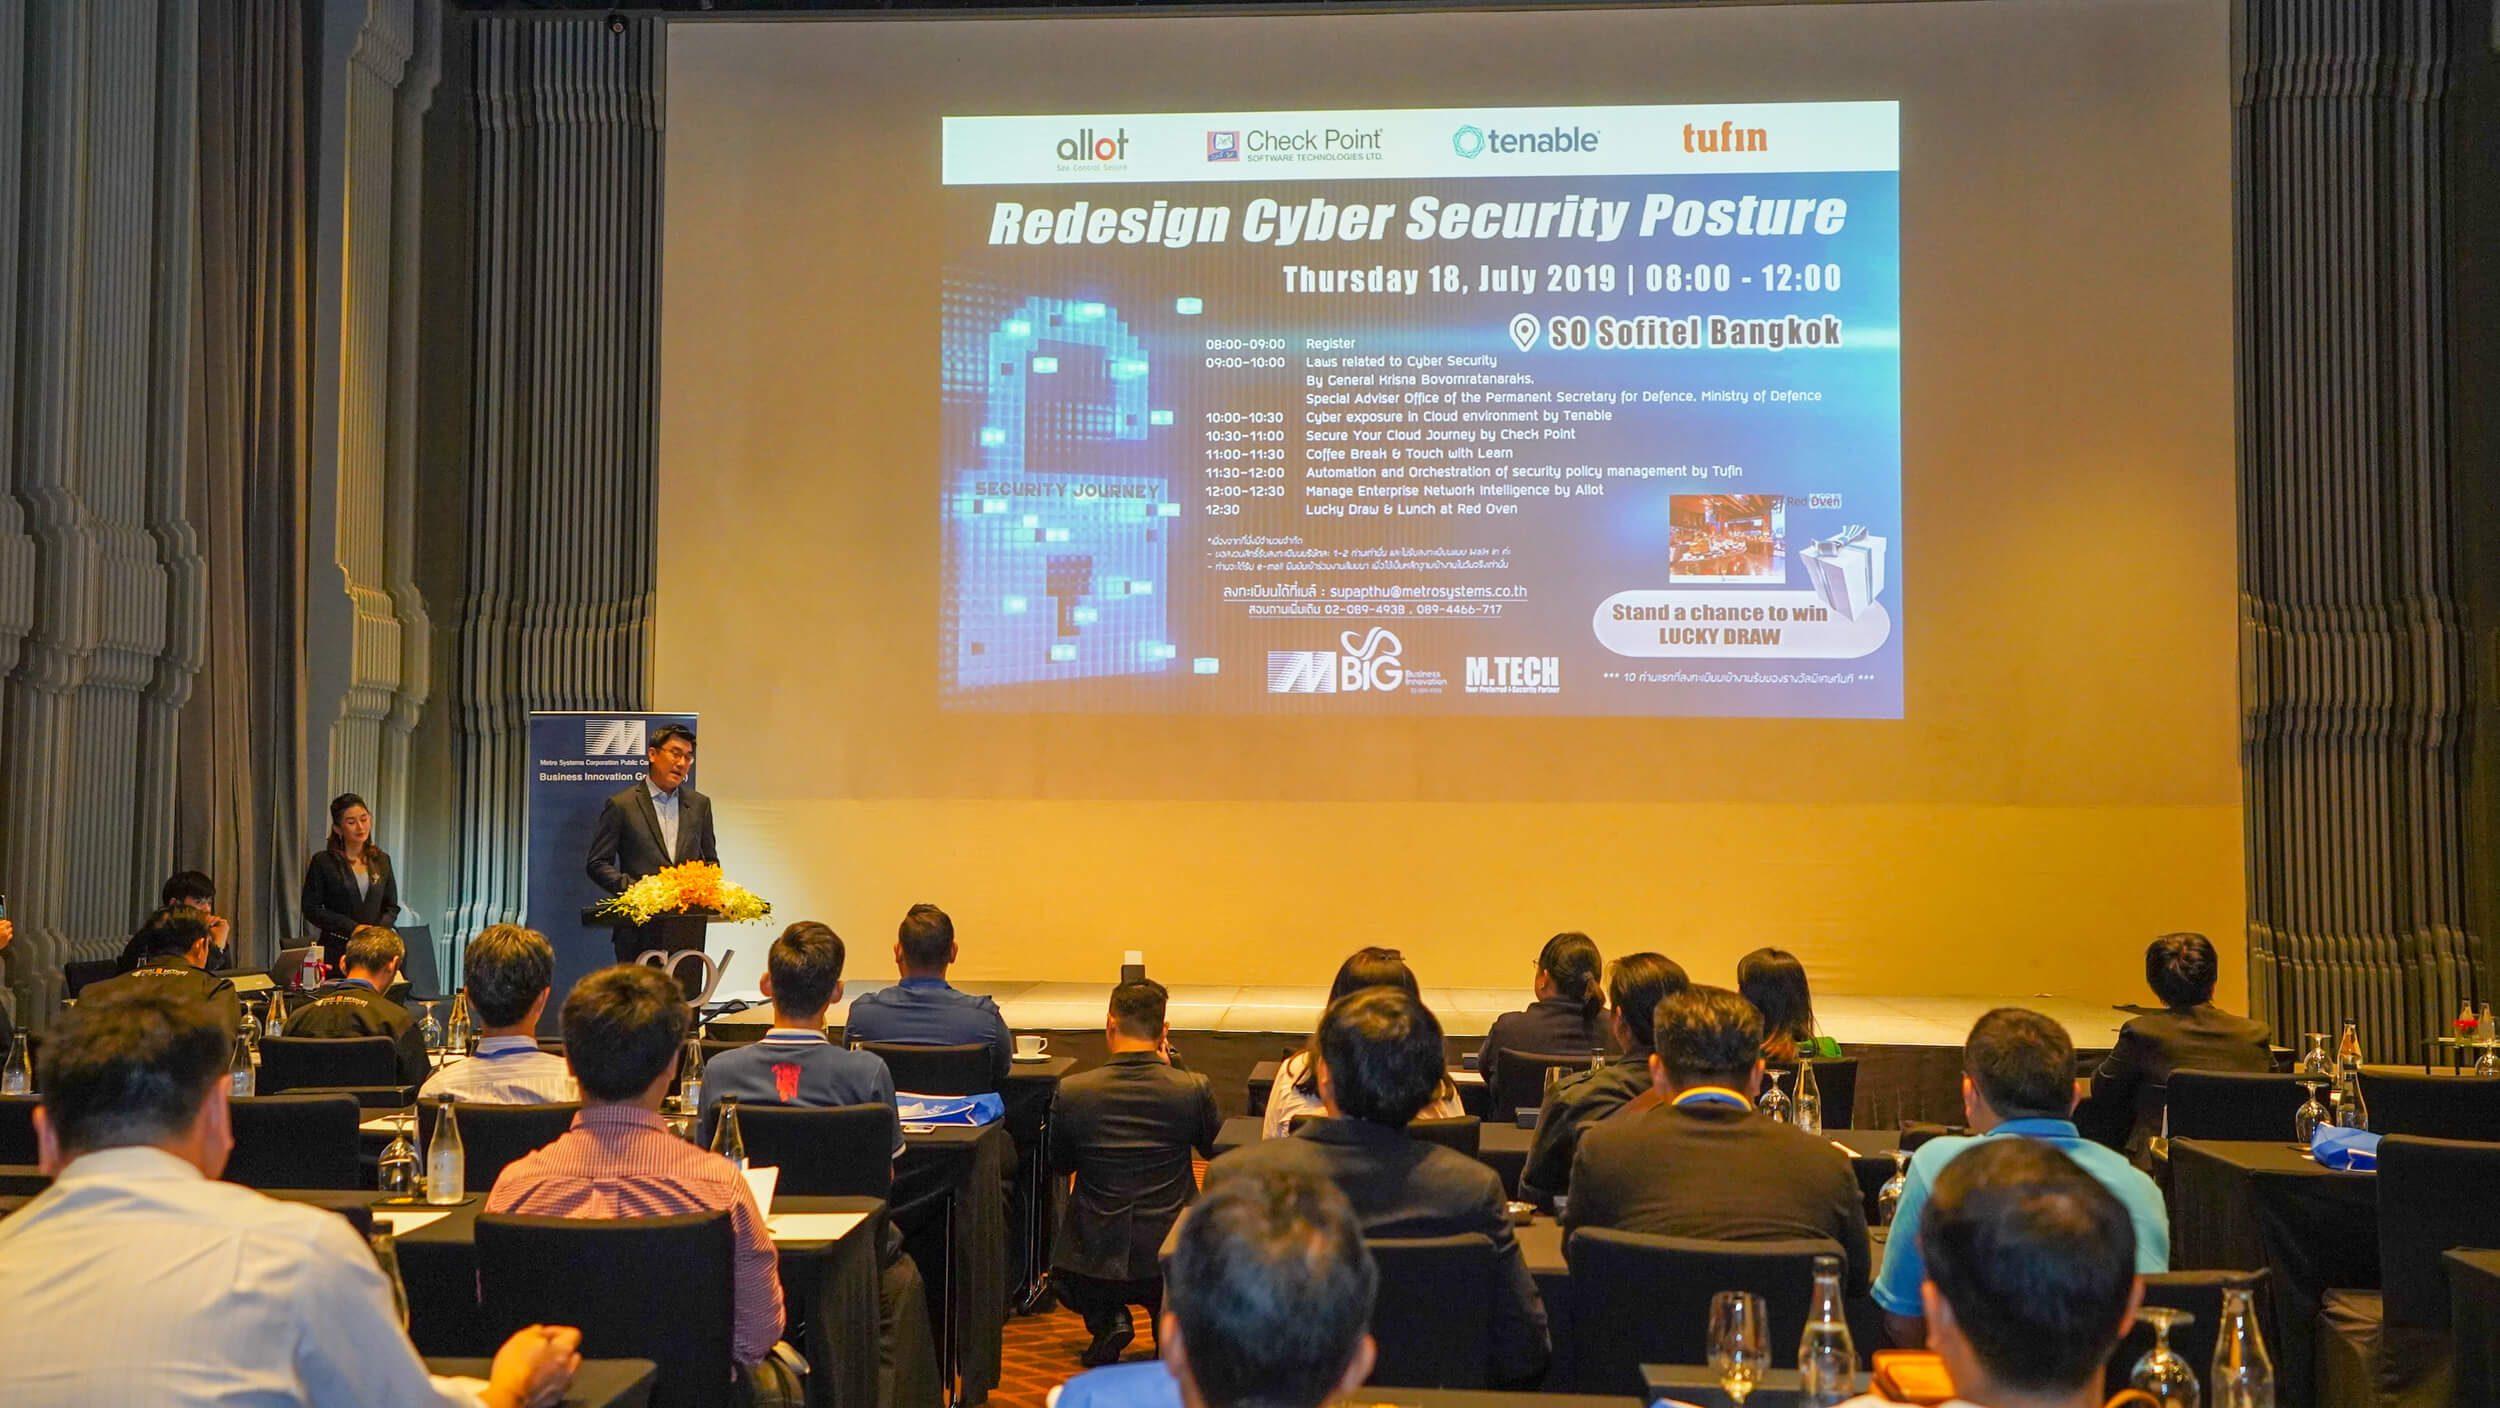 เมโทรซิสเต็มส์ฯ และ M.TECH ร่วมจัดงาน Redesign Cyber Security Posture